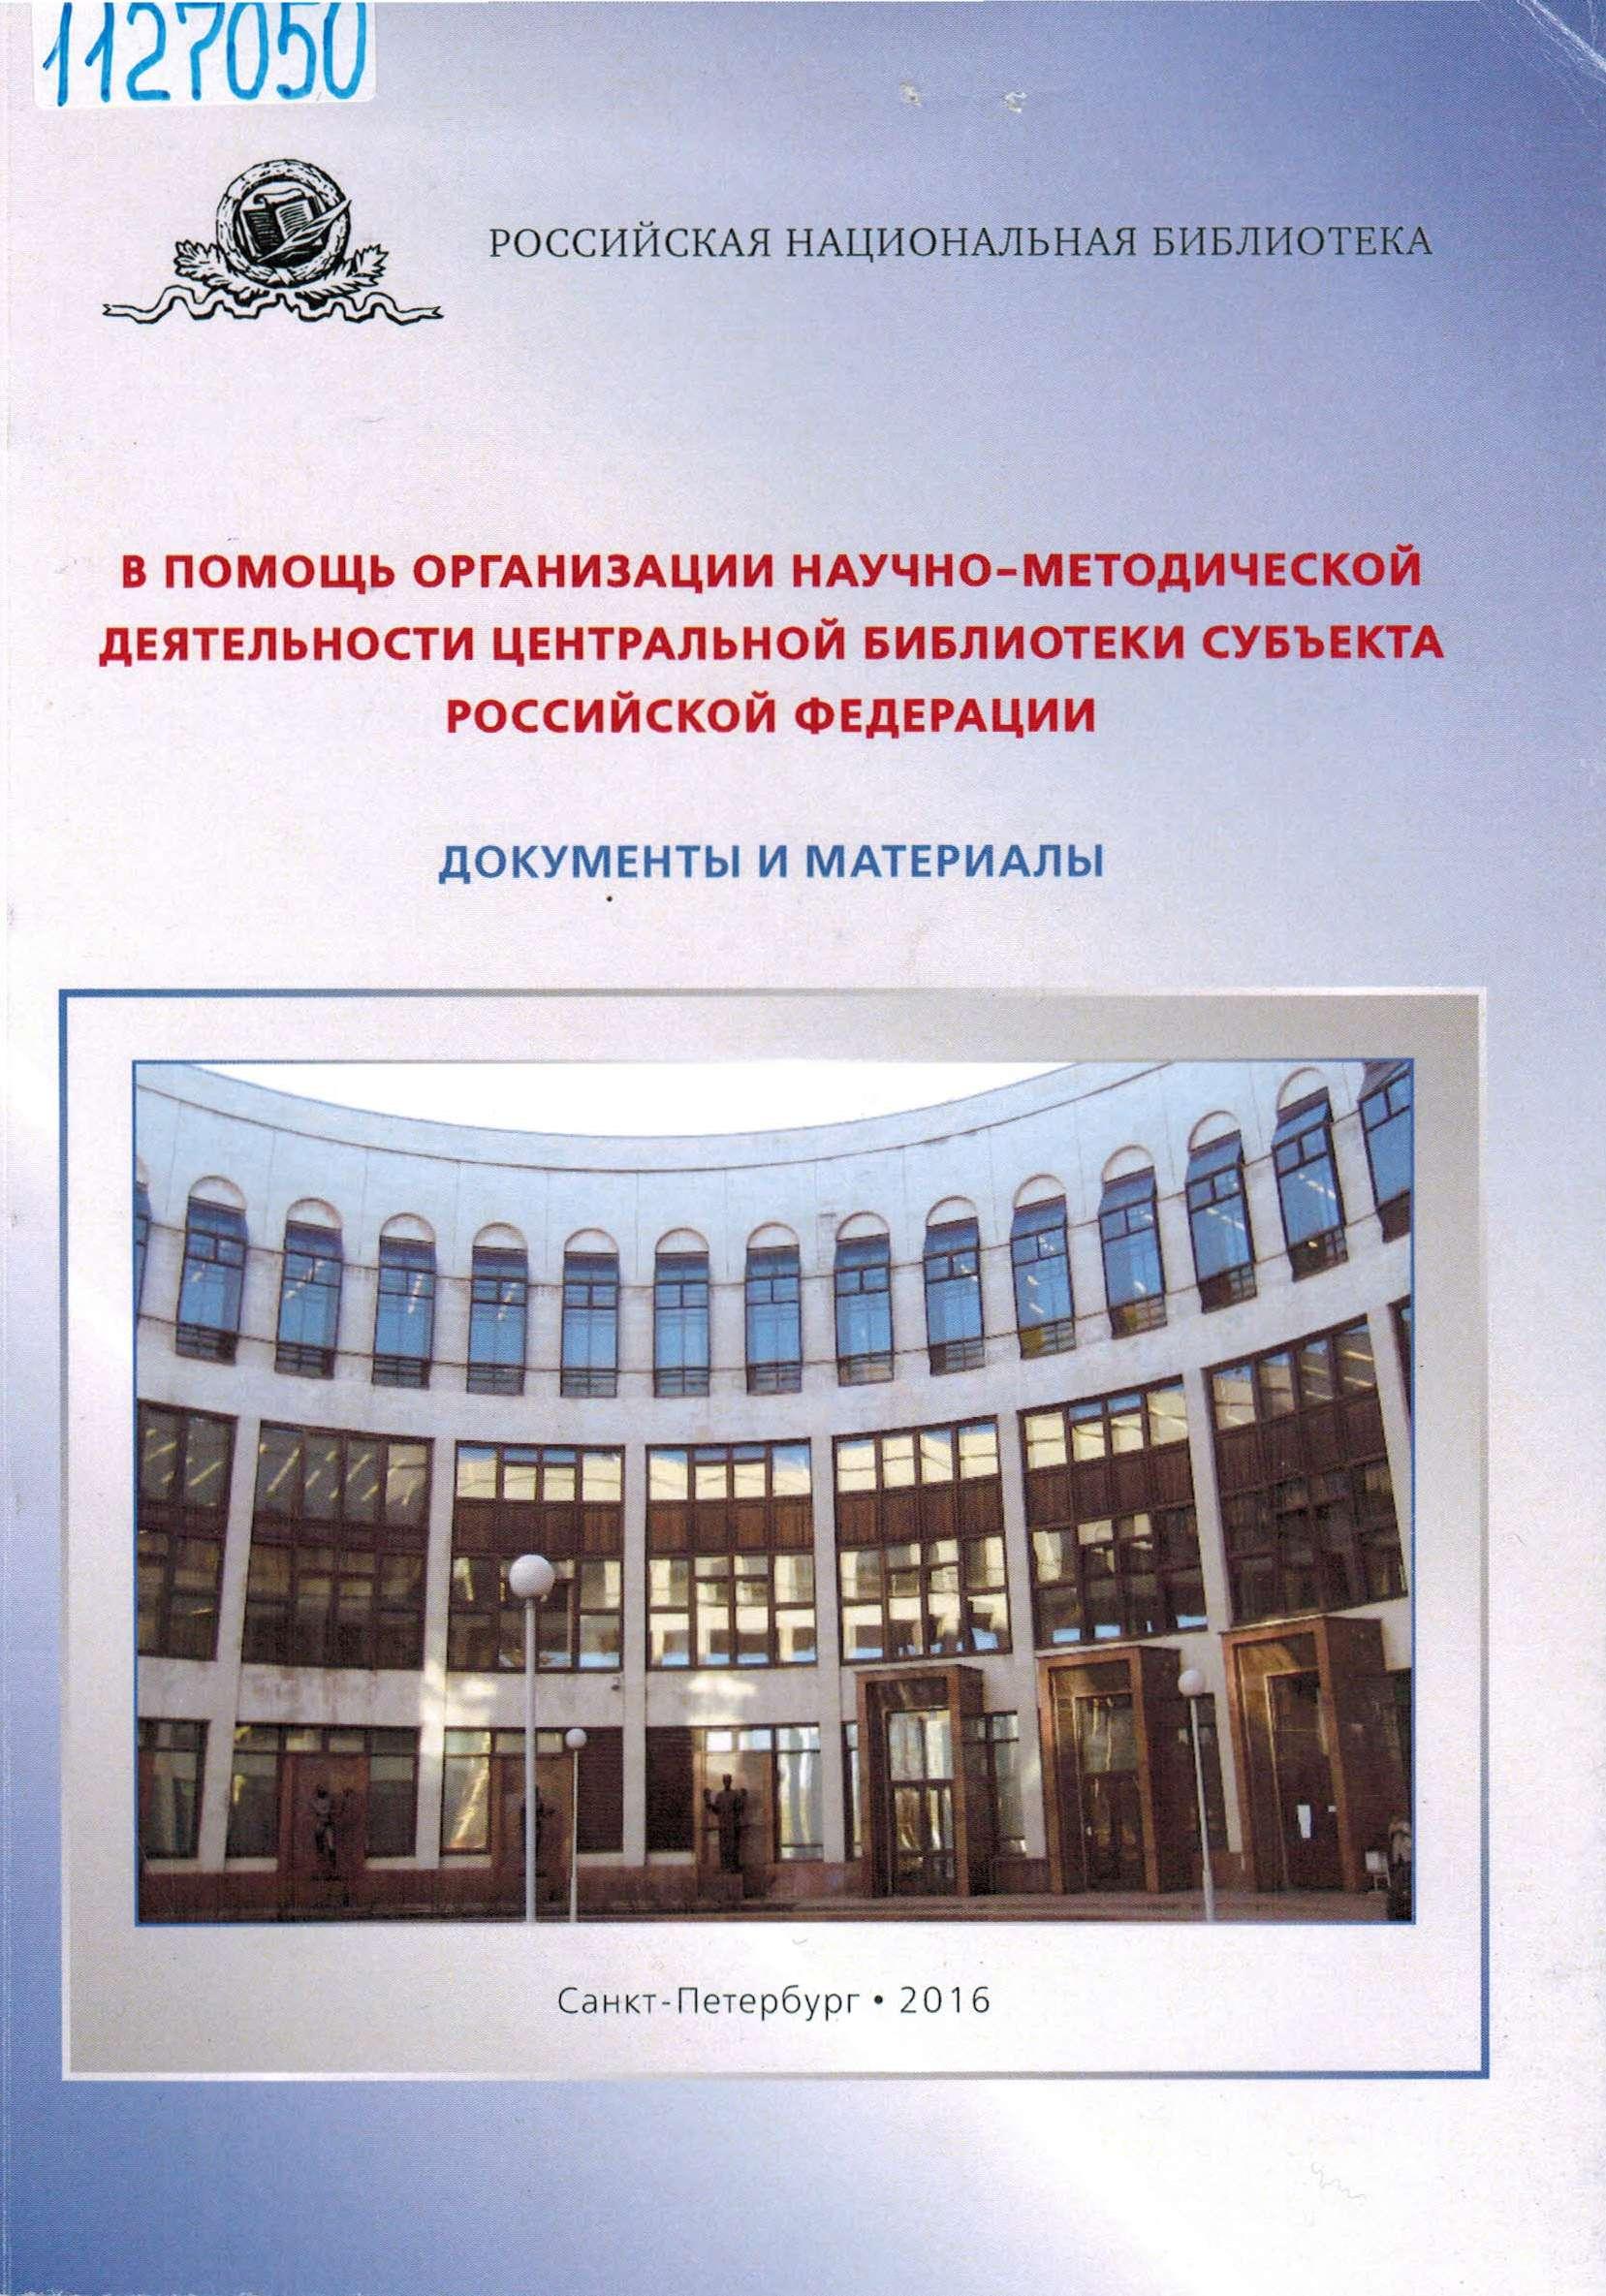 В помощь организации научно-методической деятельности центральной библиотеки субъекта Российской Федерации